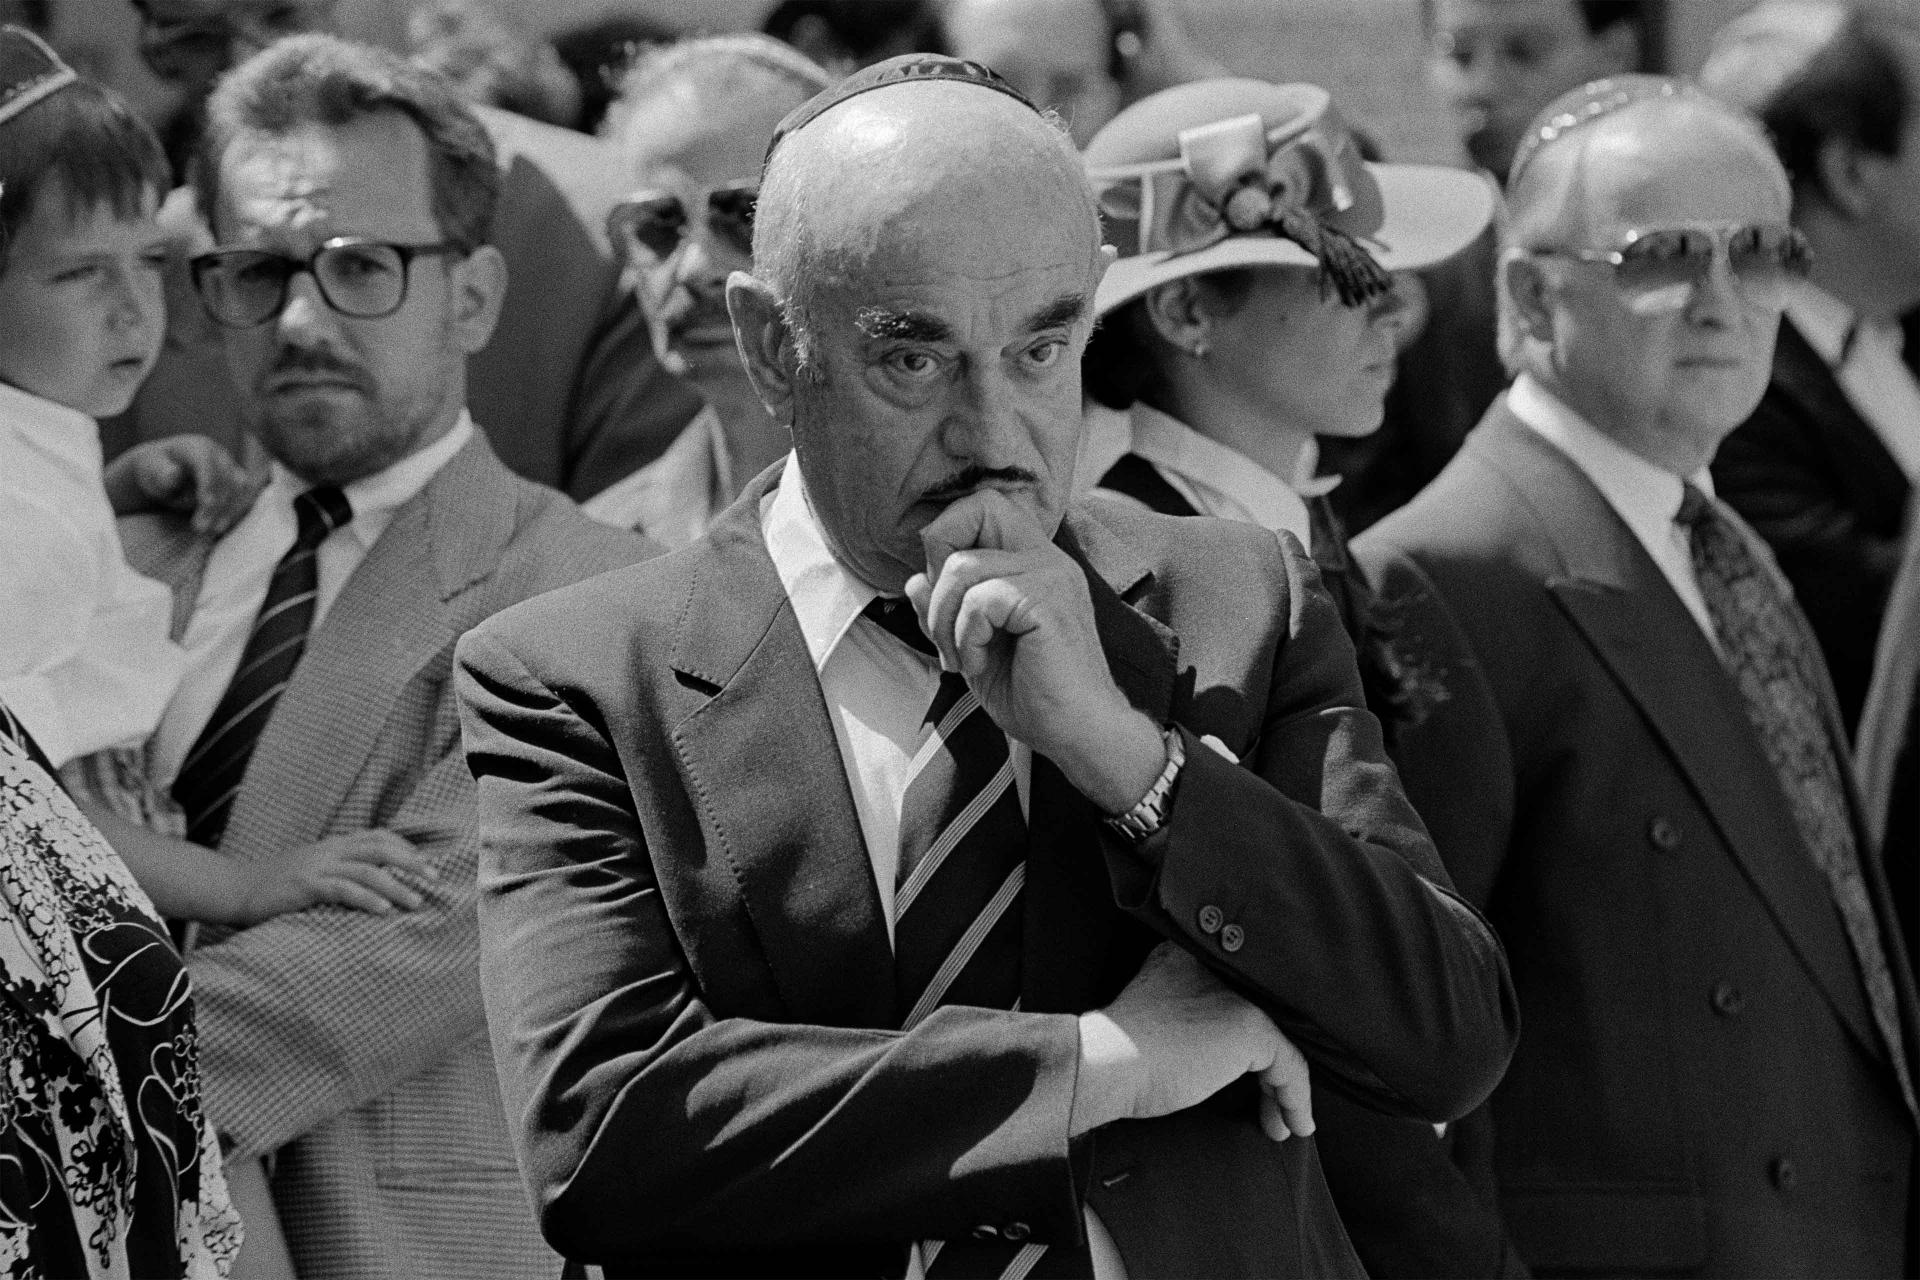 Schwarz-Weiß-Fotografie: Artur Brauner steht inmitten anderer Trauergäste, er hält die linke Hand an sein Kinn und winkelt den rechten Arm an.